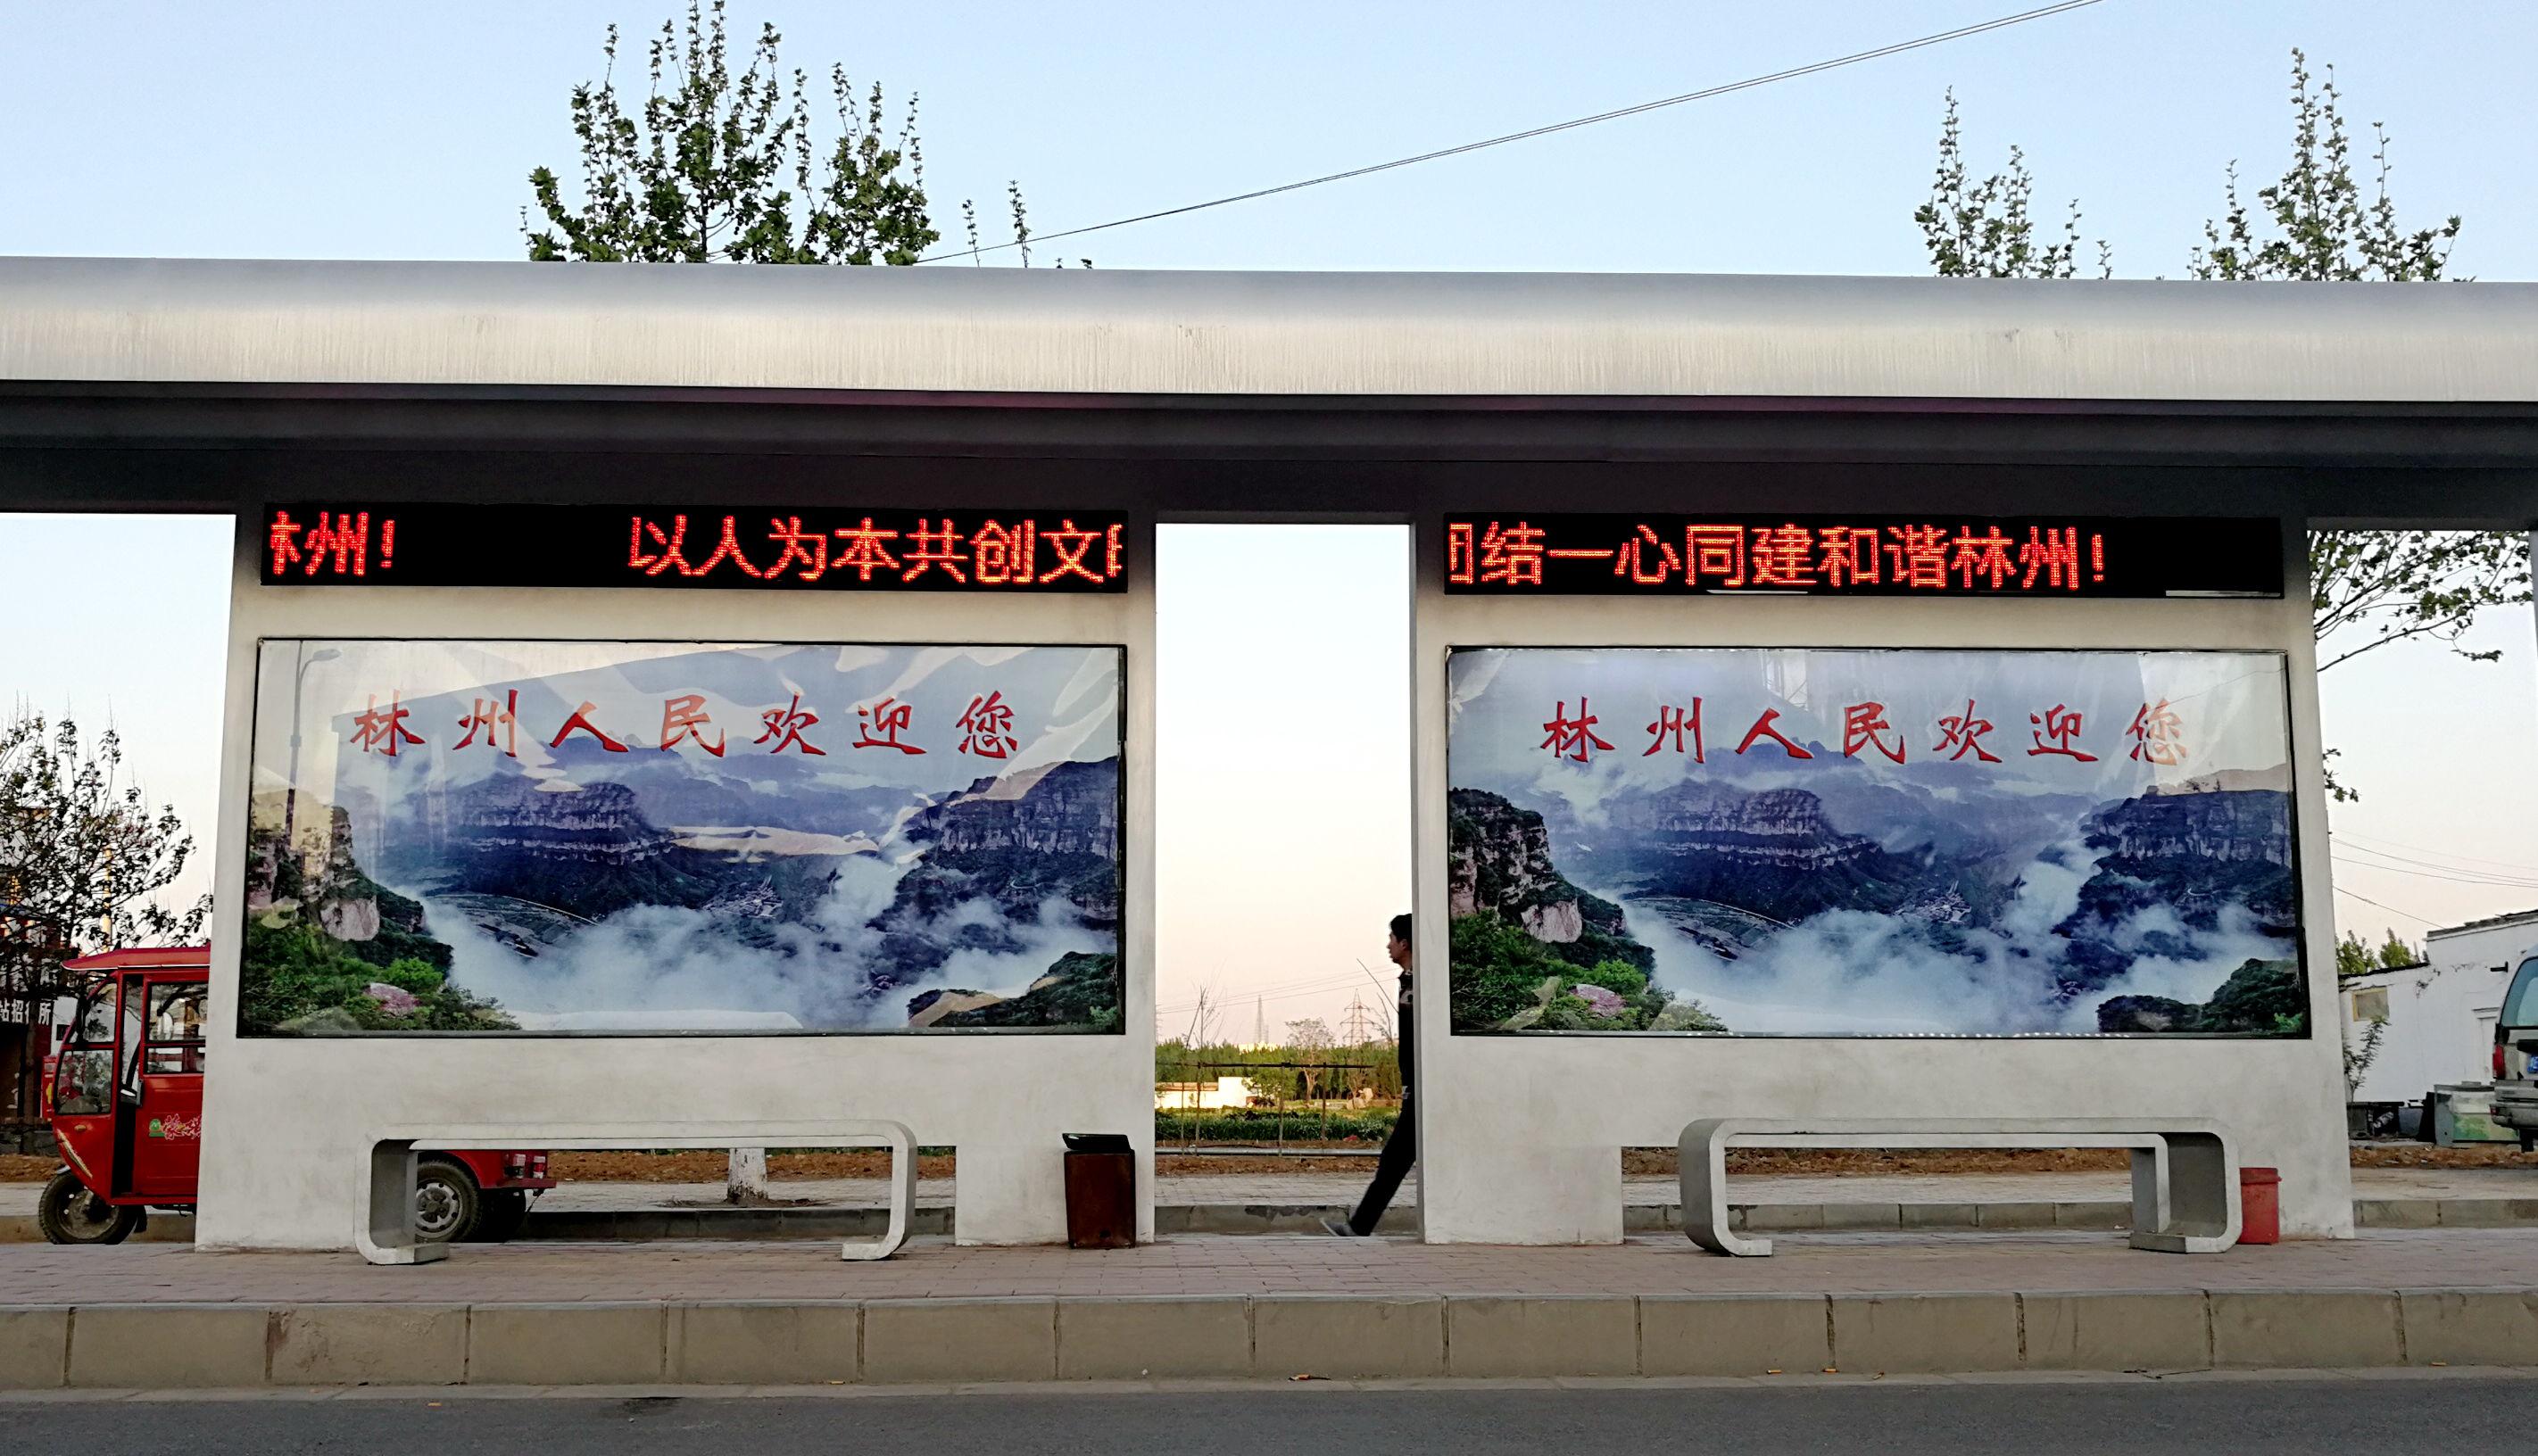 林州:最新城区公交路线图,新增加不少站点